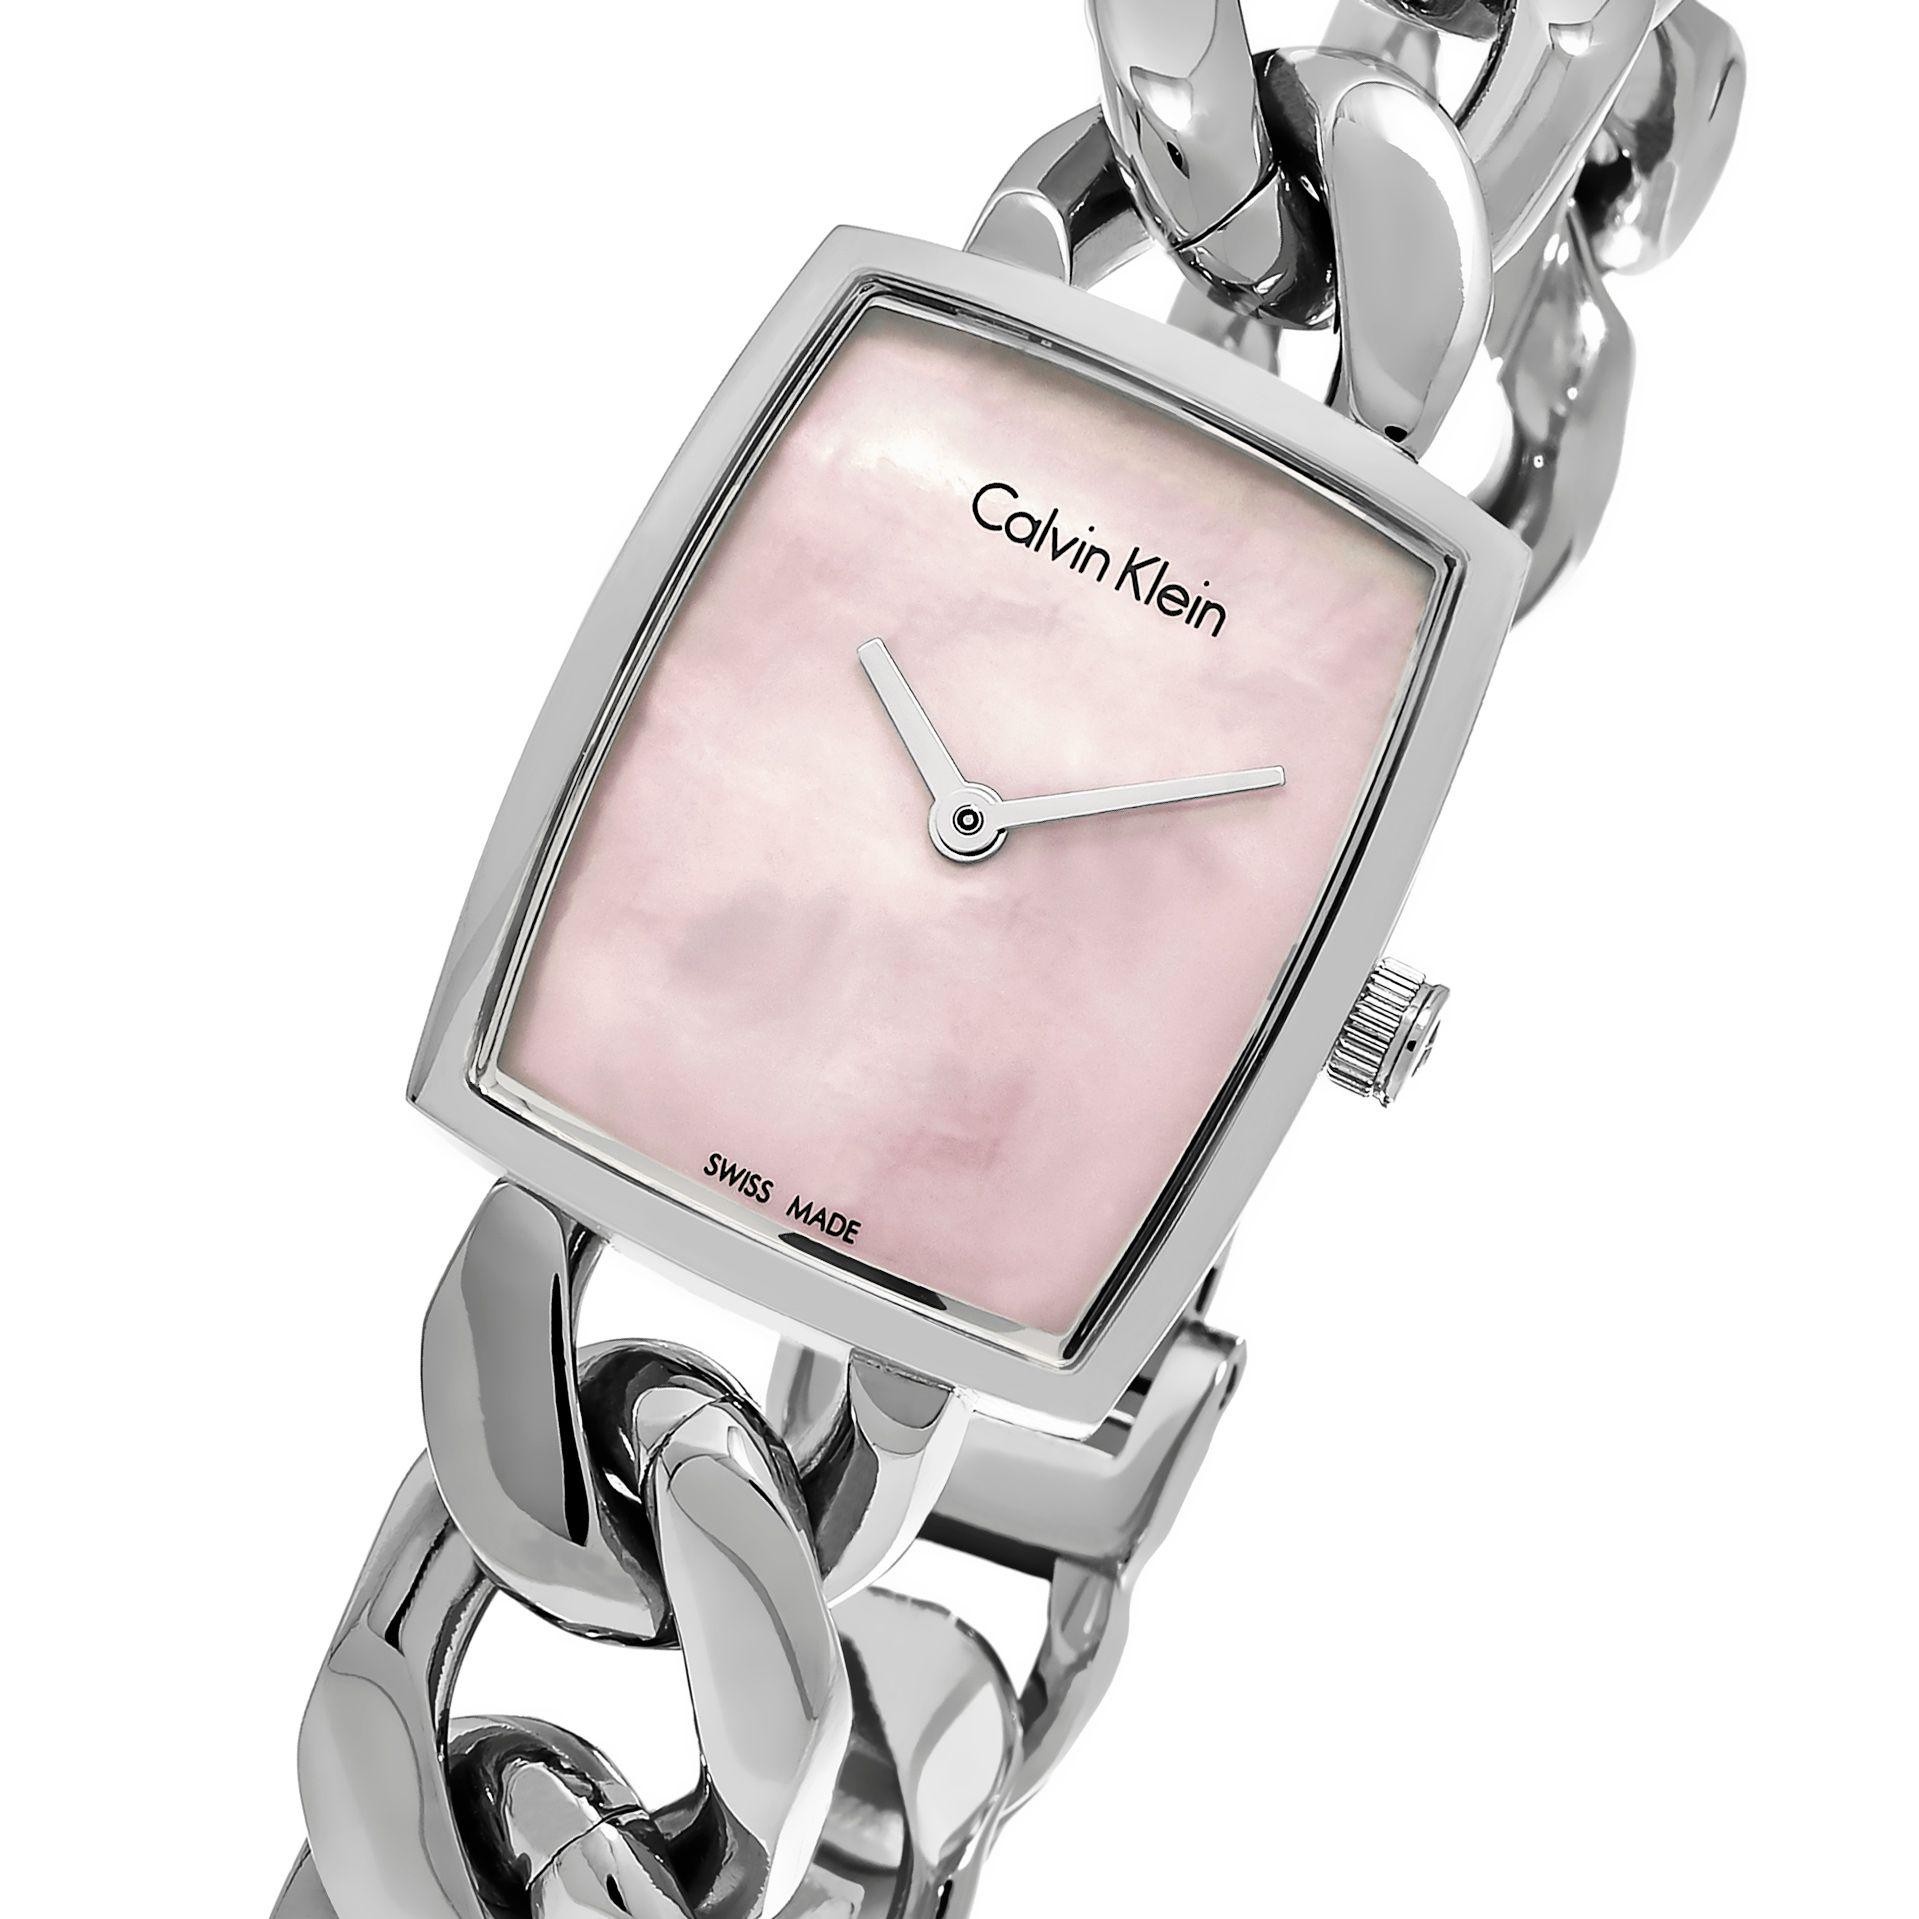 Dây đồng hồ được thiết kế mắt xích không tạo cảm giác nặng nề mà ngược lại cực trẻ trung và sang trọng